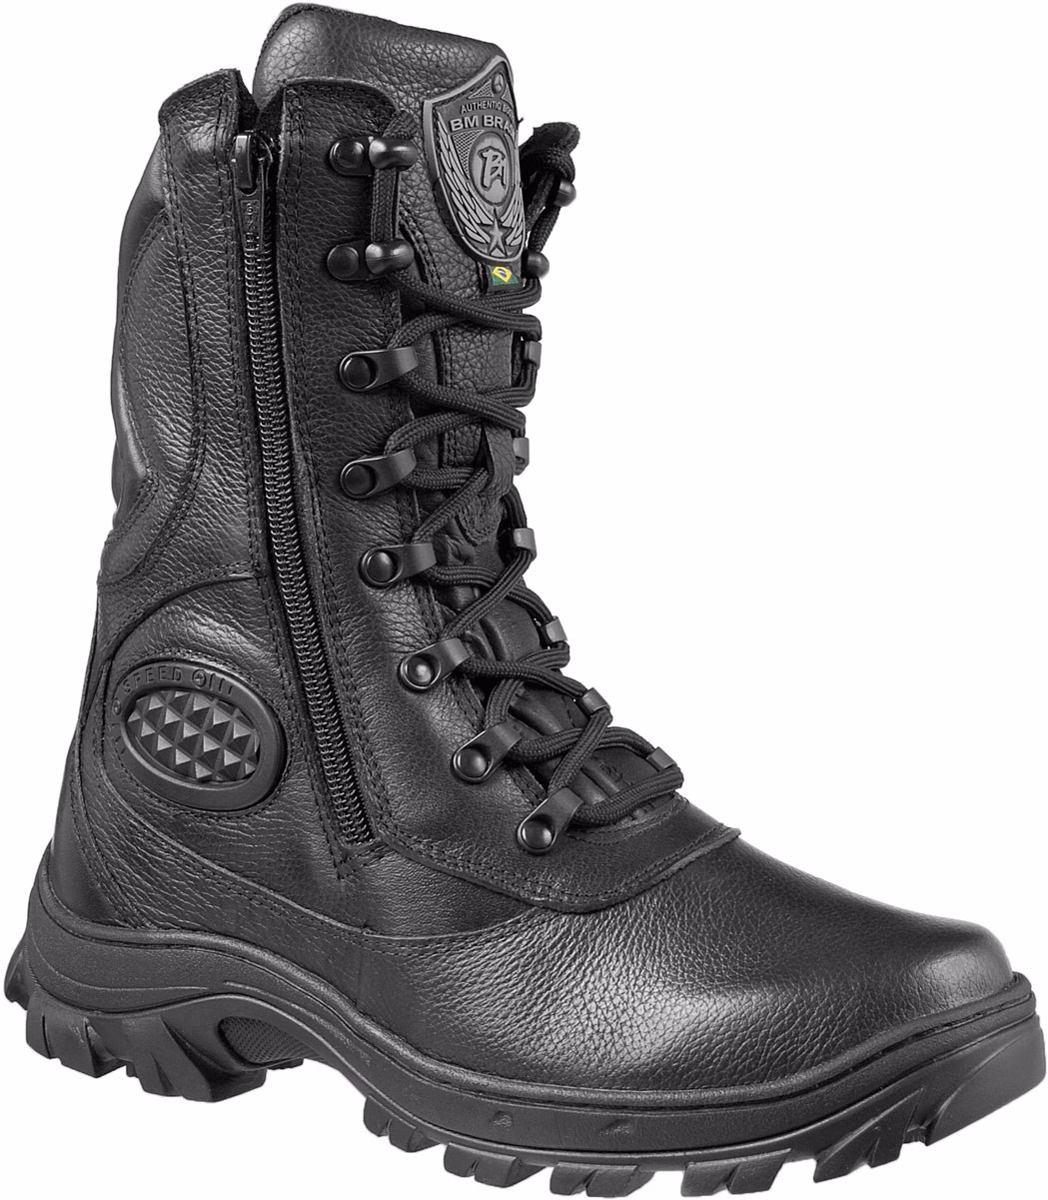 4e92e56838 coturno bota tática militar zíper bmbrasil black friday 5179. Carregando  zoom.